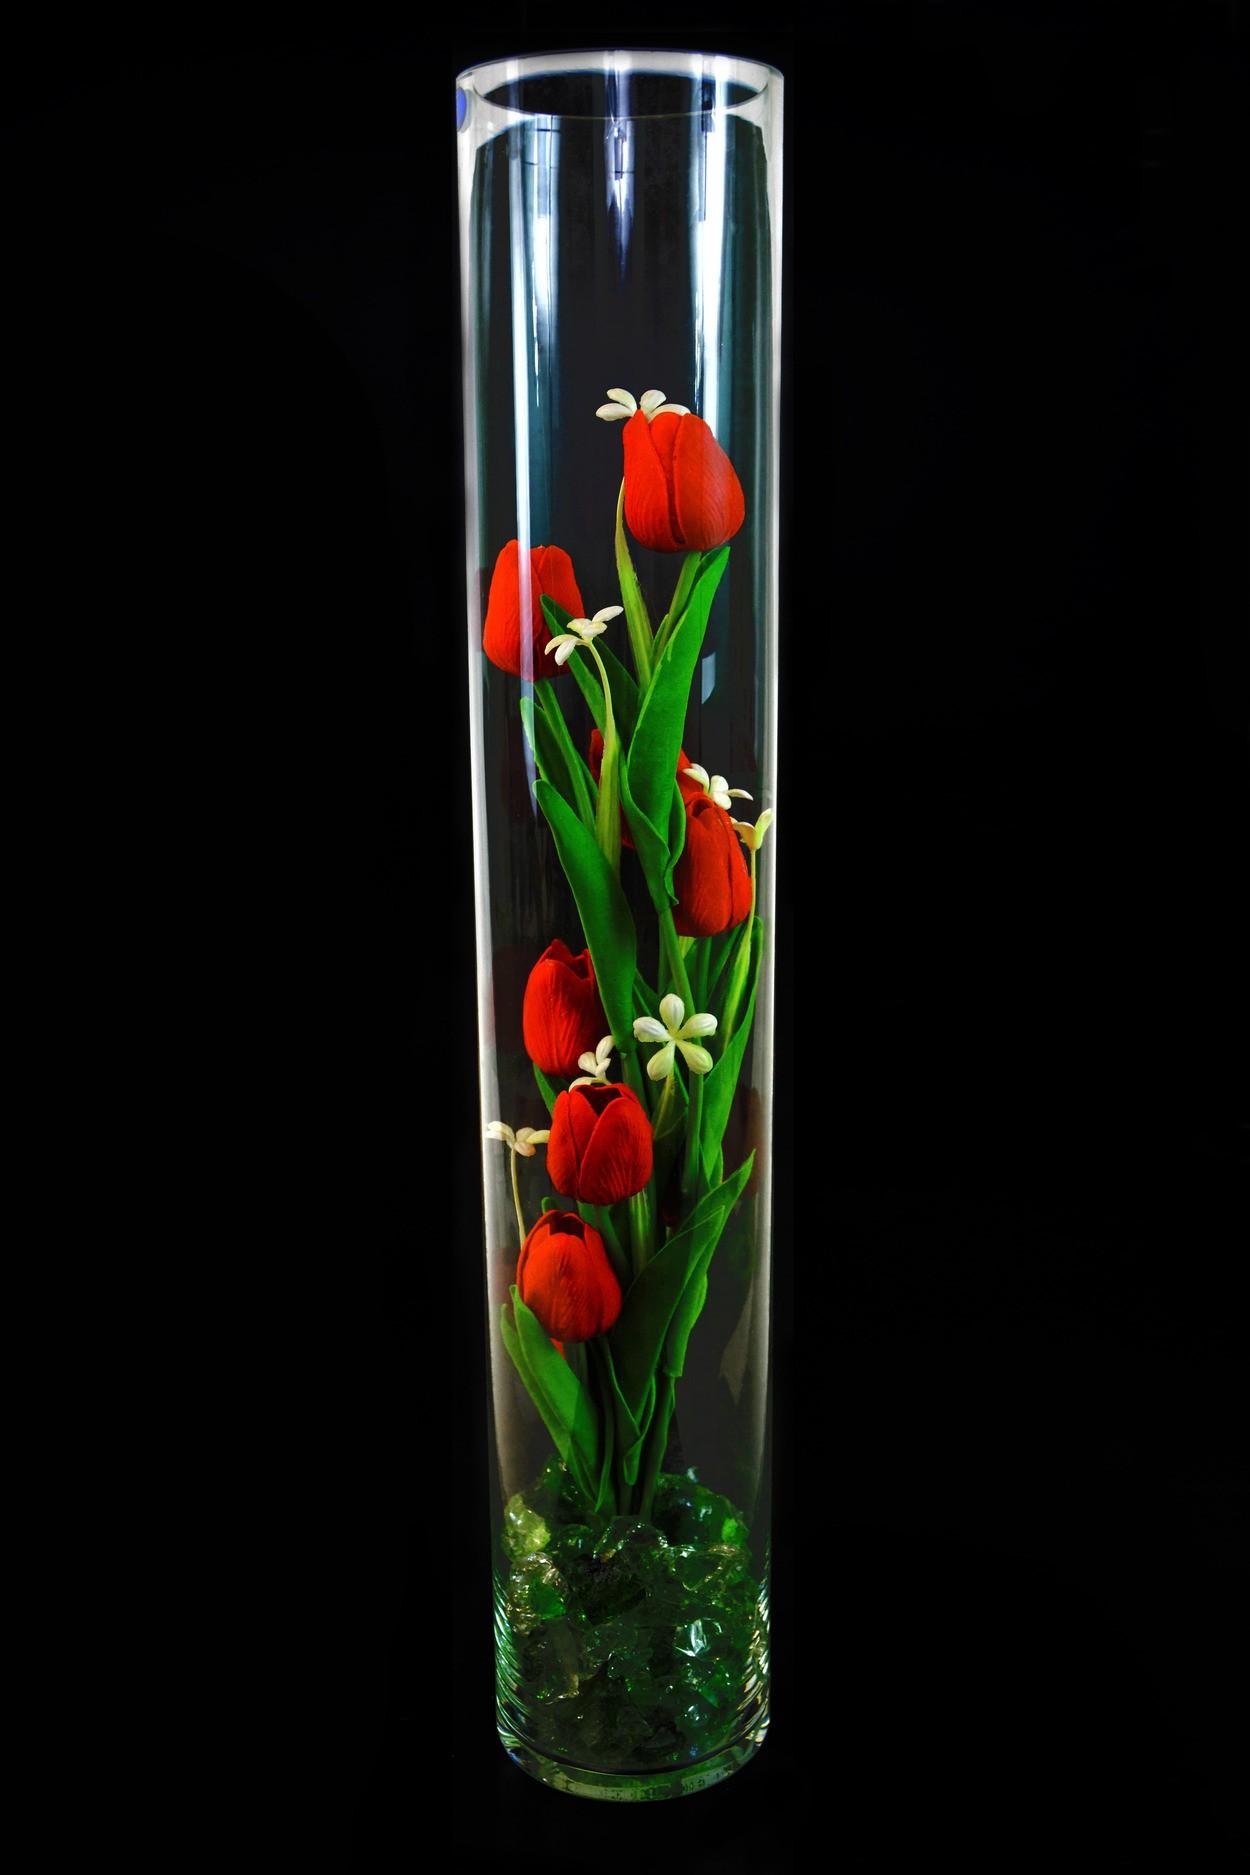 Ночник светящиеся тюльпаны 9шт Красные(зел) в Ярославле